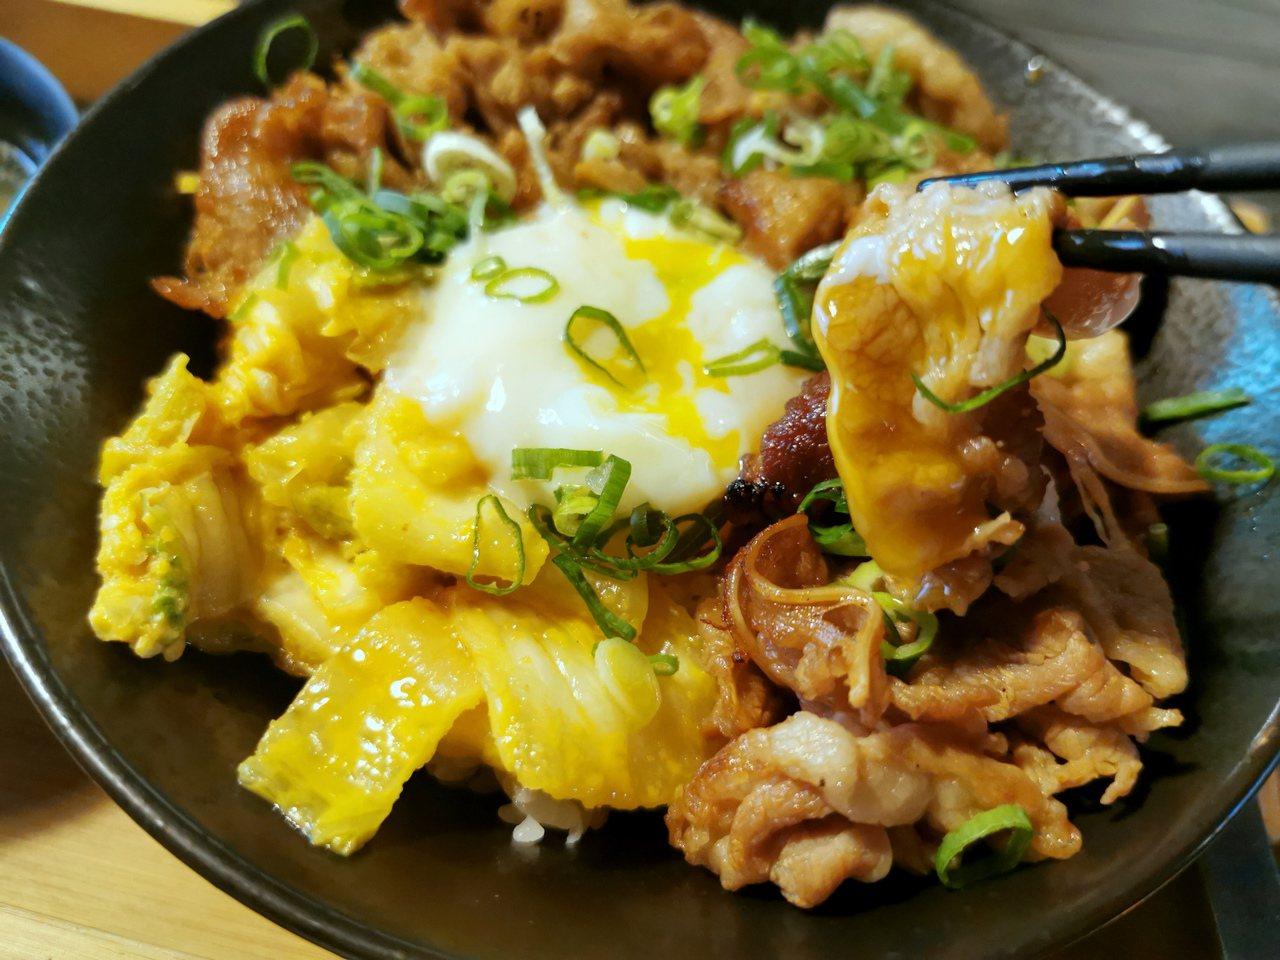 牛丼選用美國高檔牛肉,搭配黃金泡菜、溫泉蛋與獨門醬汁;趁熱將溫泉蛋弄破,讓半熟的...